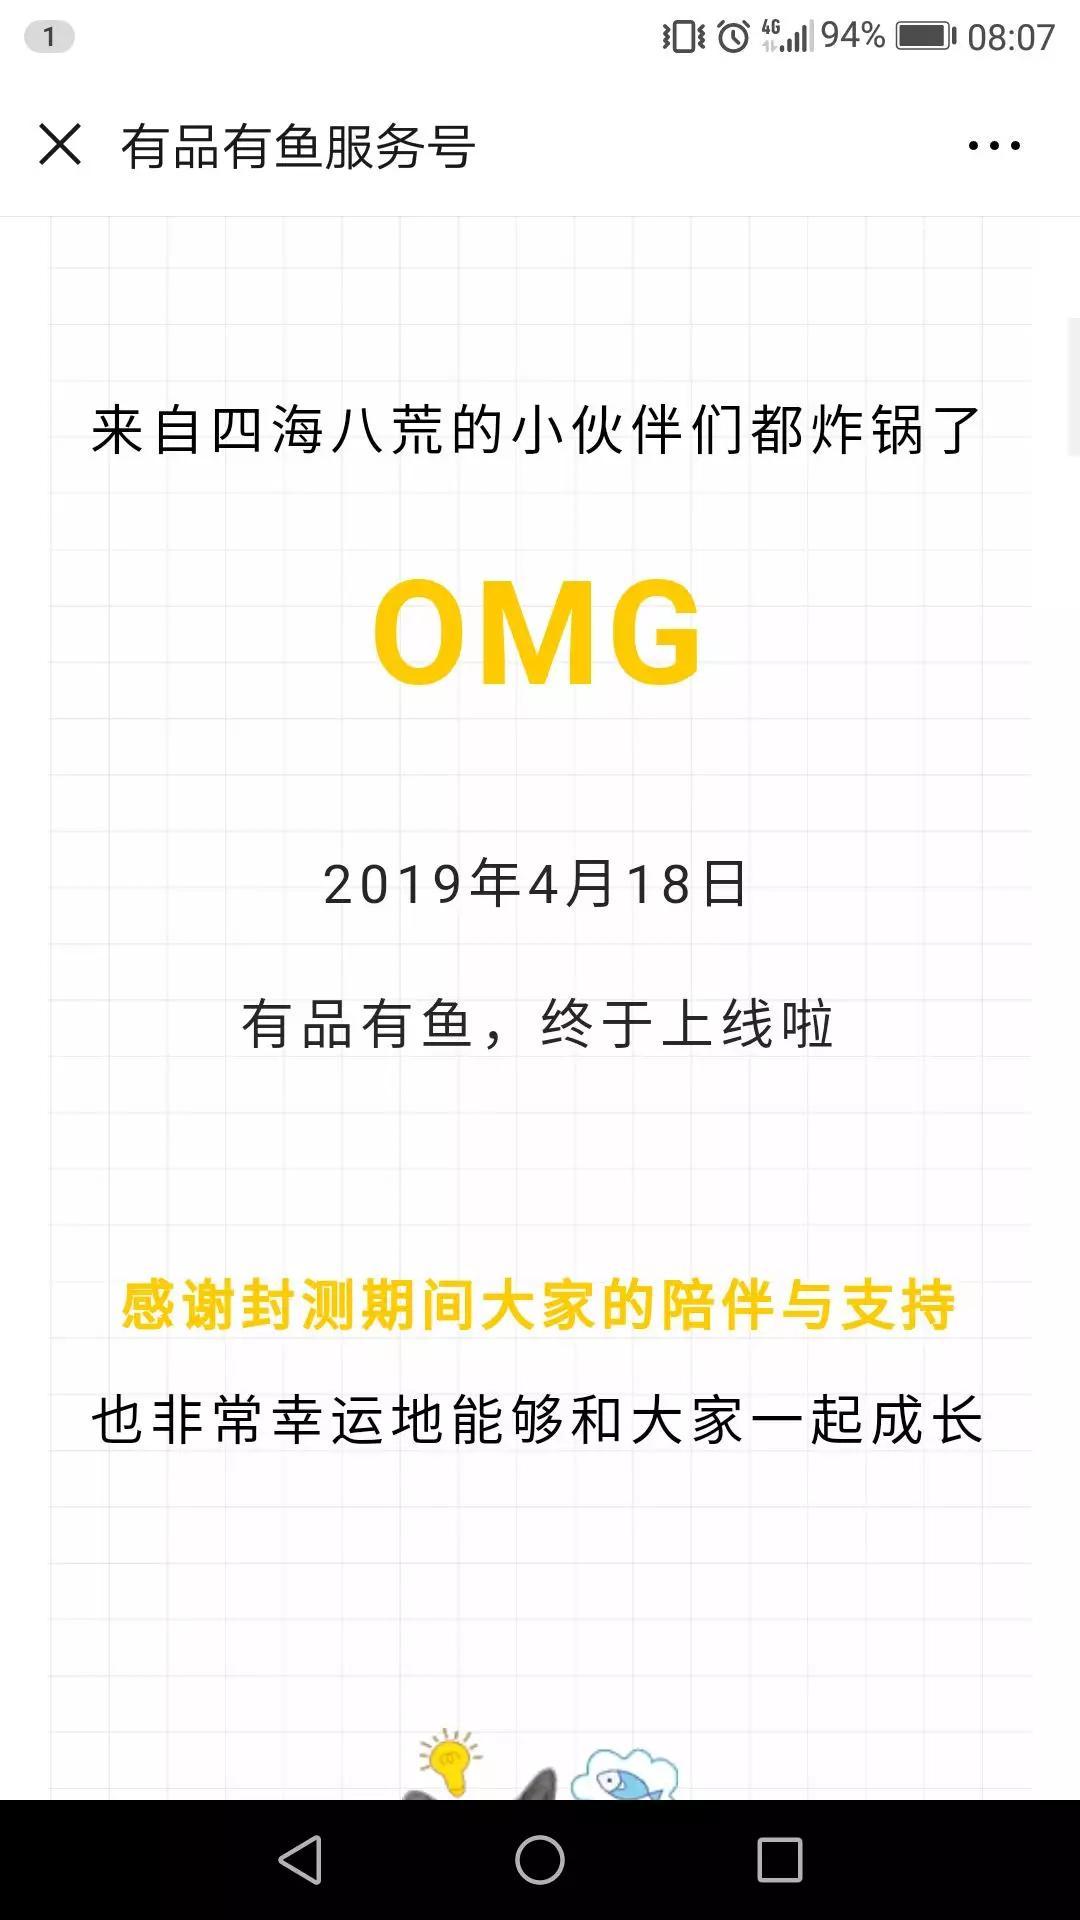 有品有鱼邀请码:小米旗下会员制电商4月18正式上线,这是你距离月薪5万最近的一次!